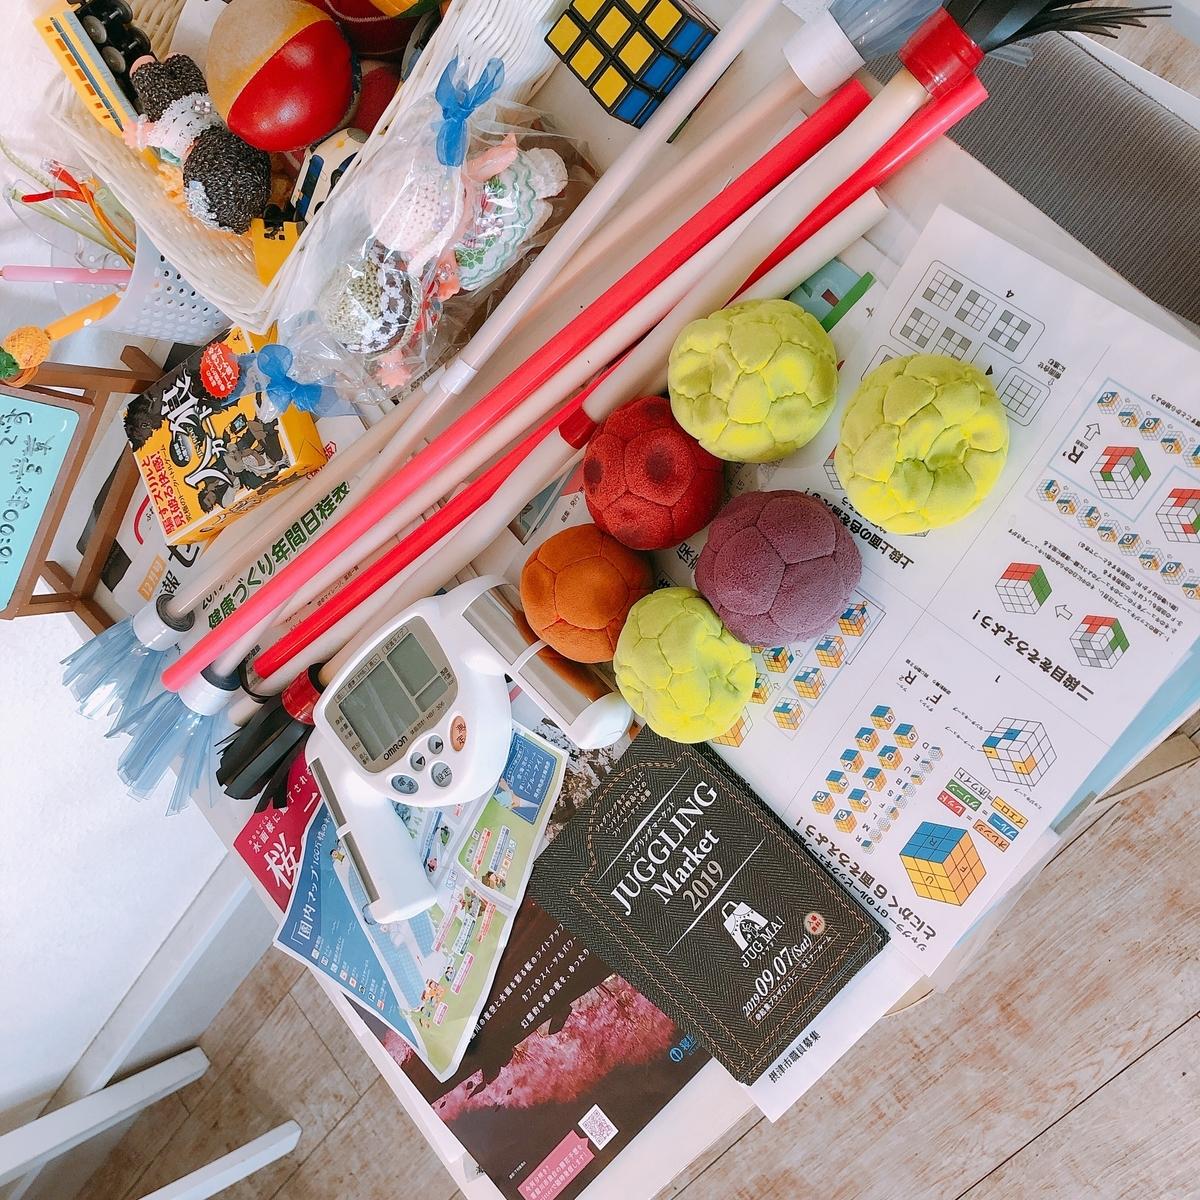 テーブル上のジャグリング道具